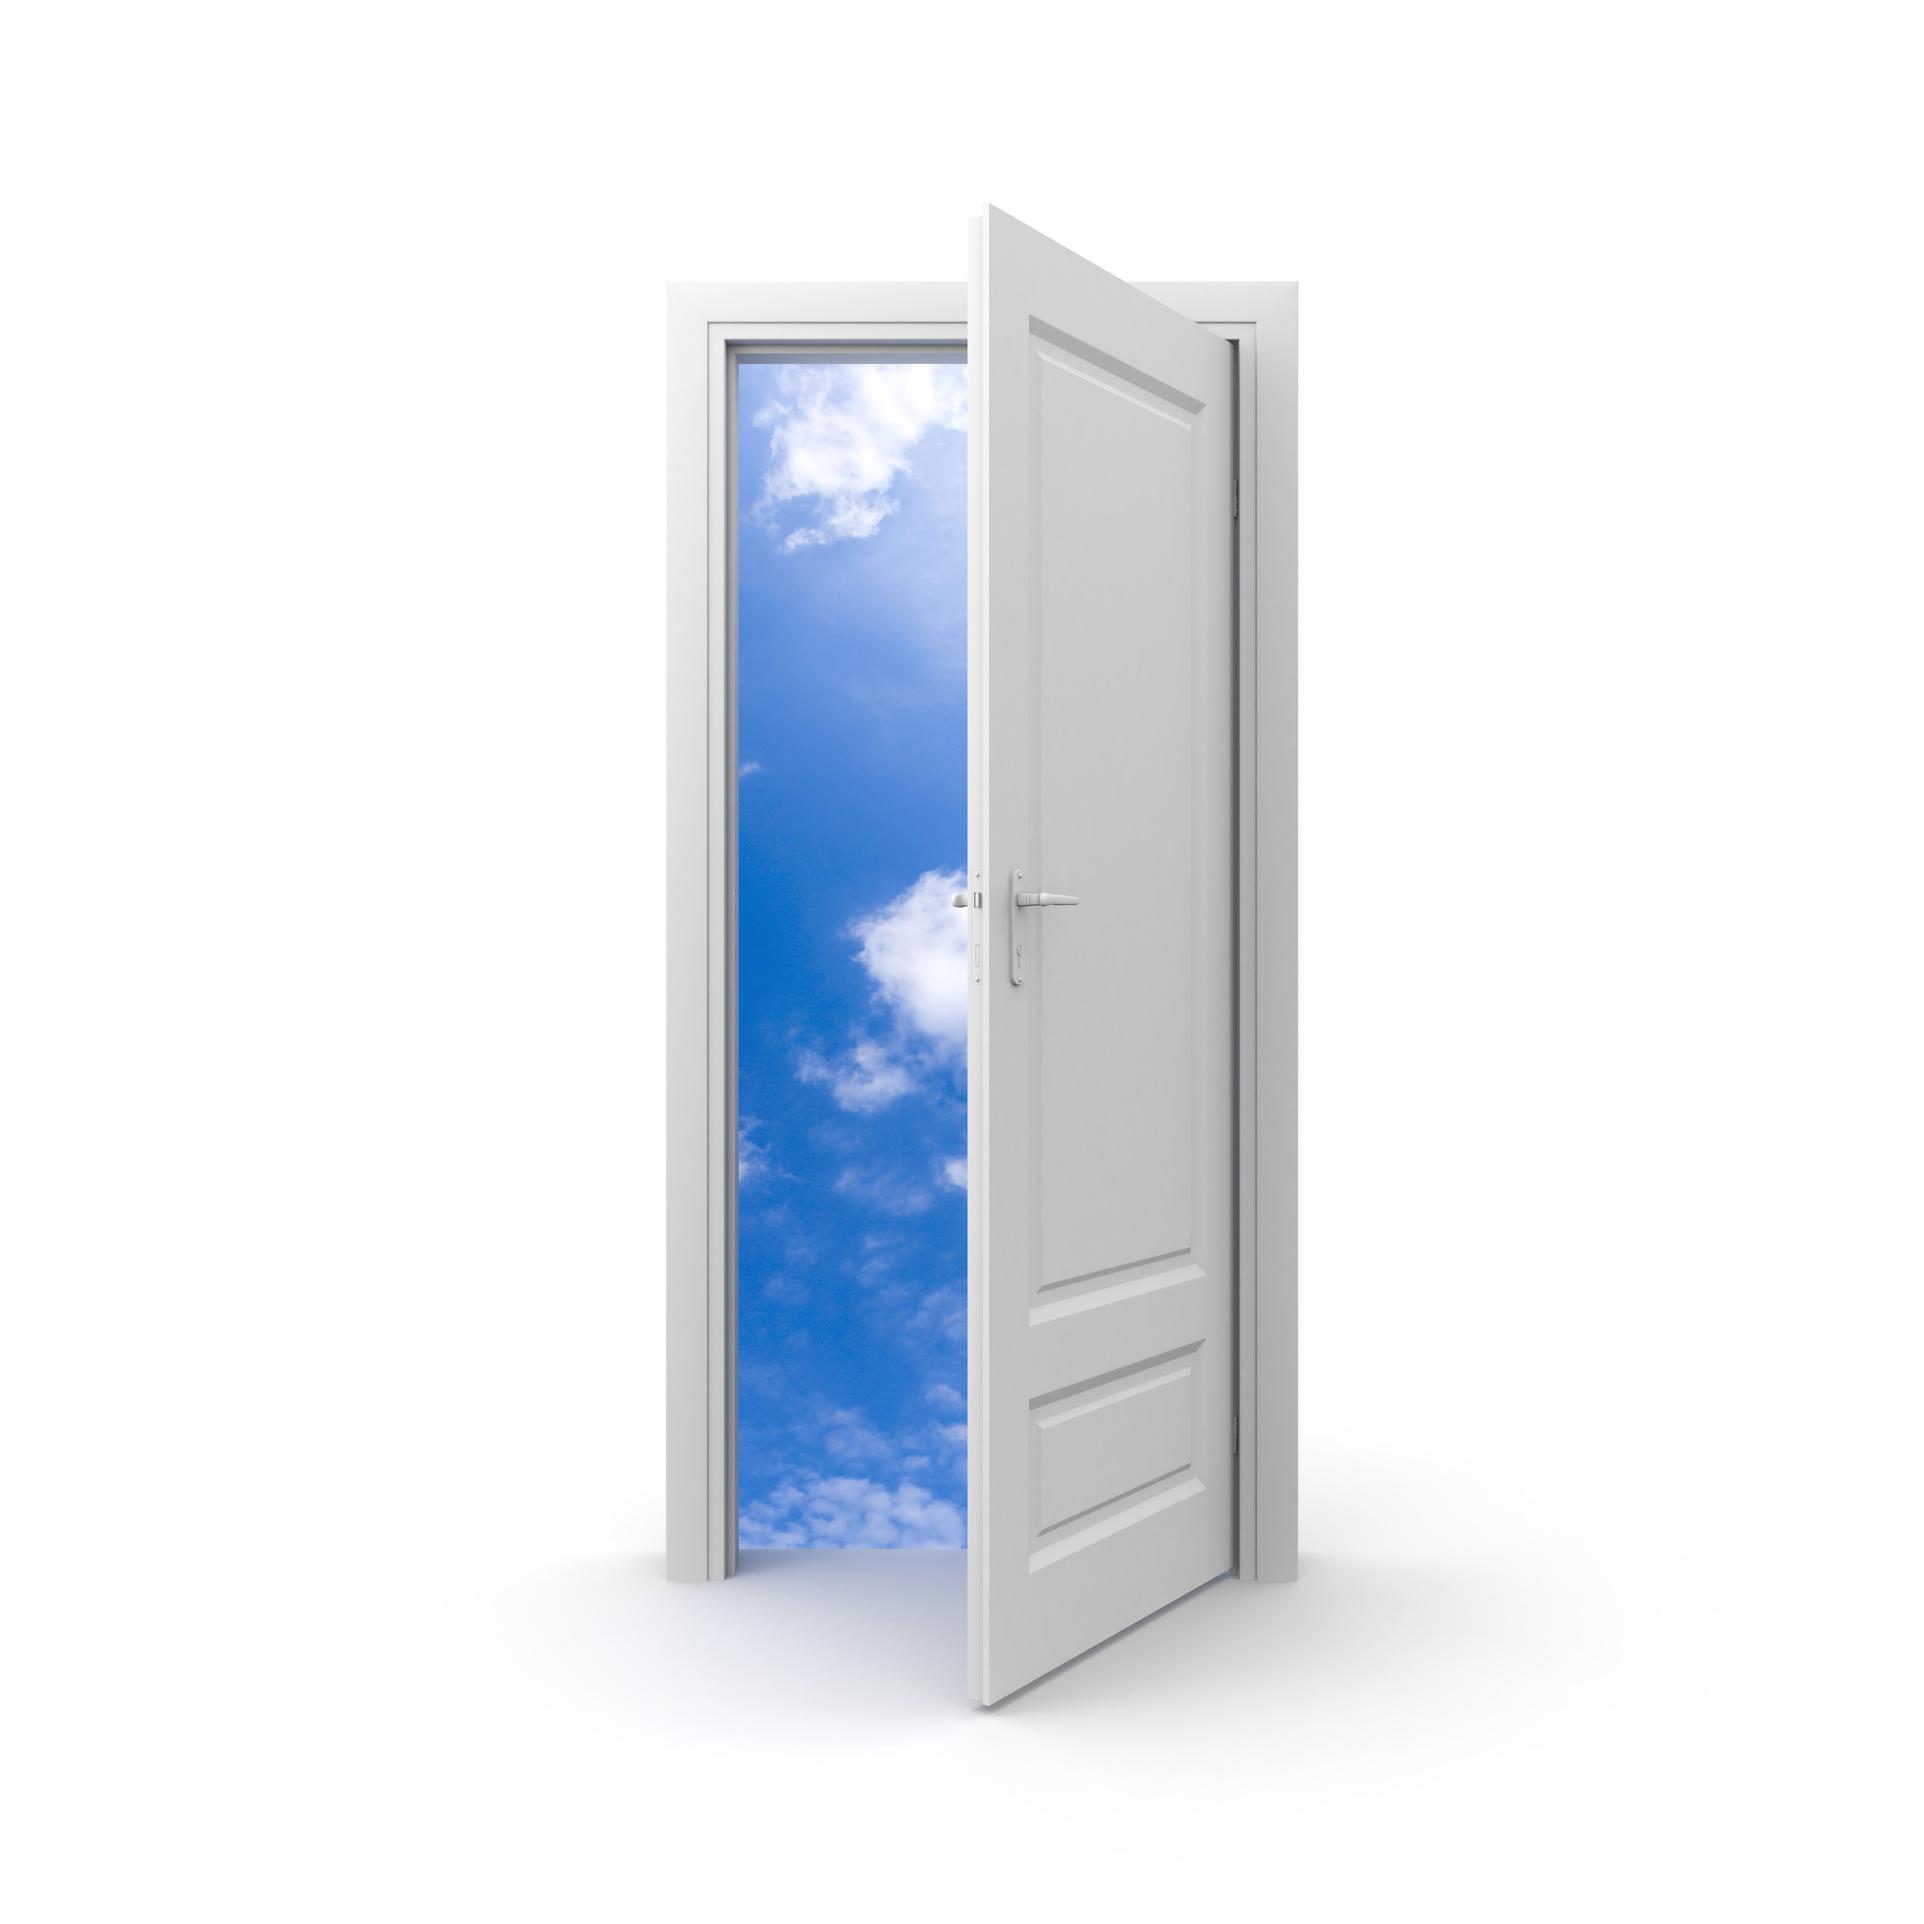 ¿Y tú de qué lado estás de la puerta?